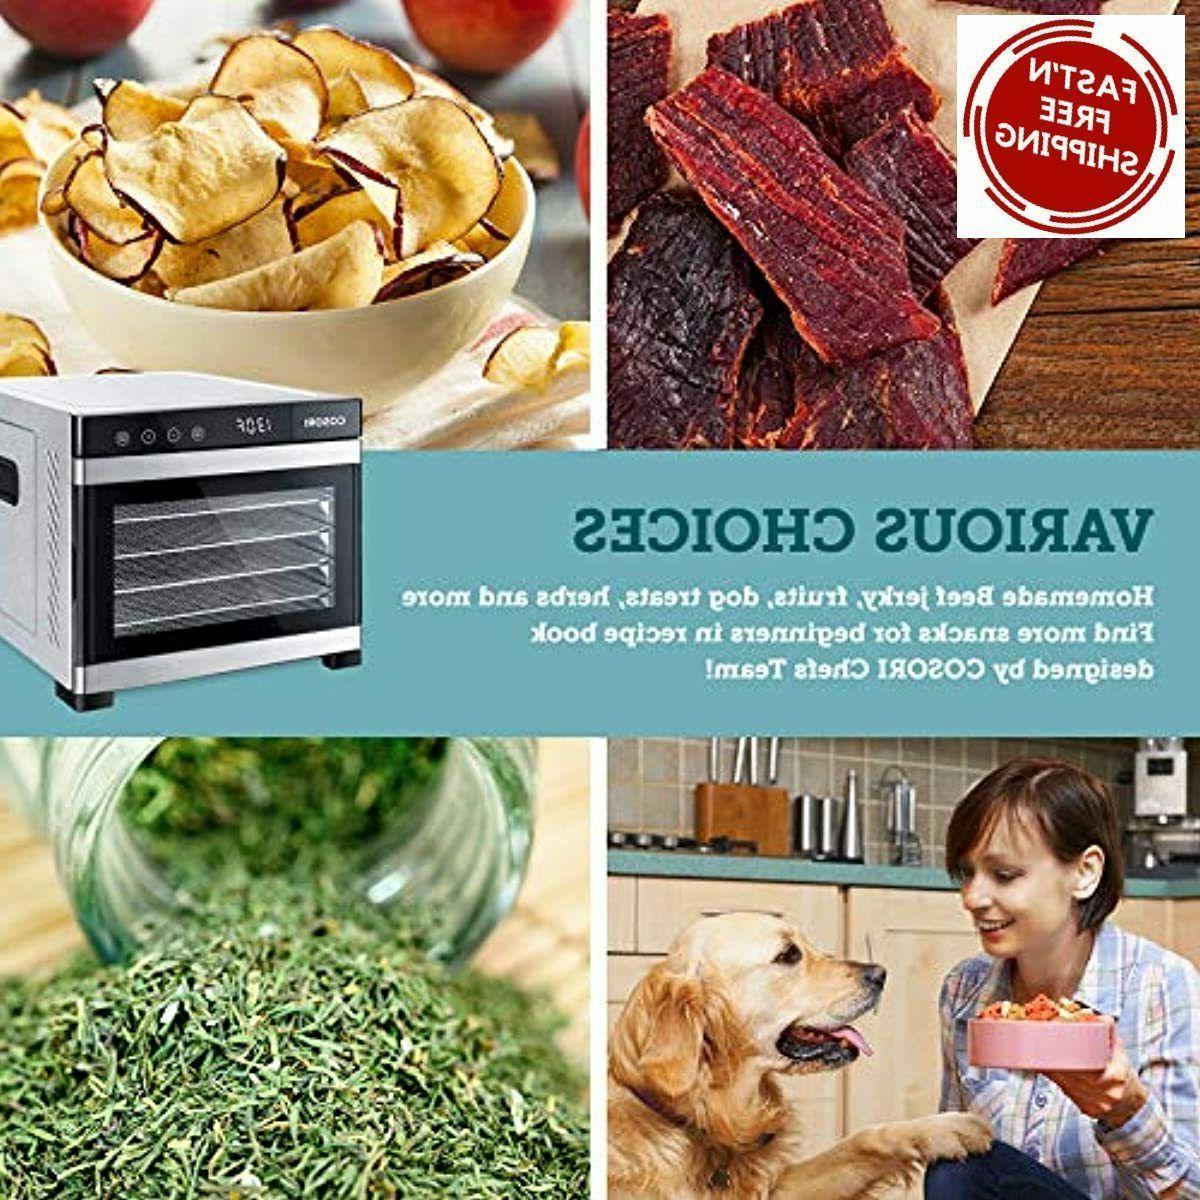 COSORI Premium Food Machine Recipes 6 Steel